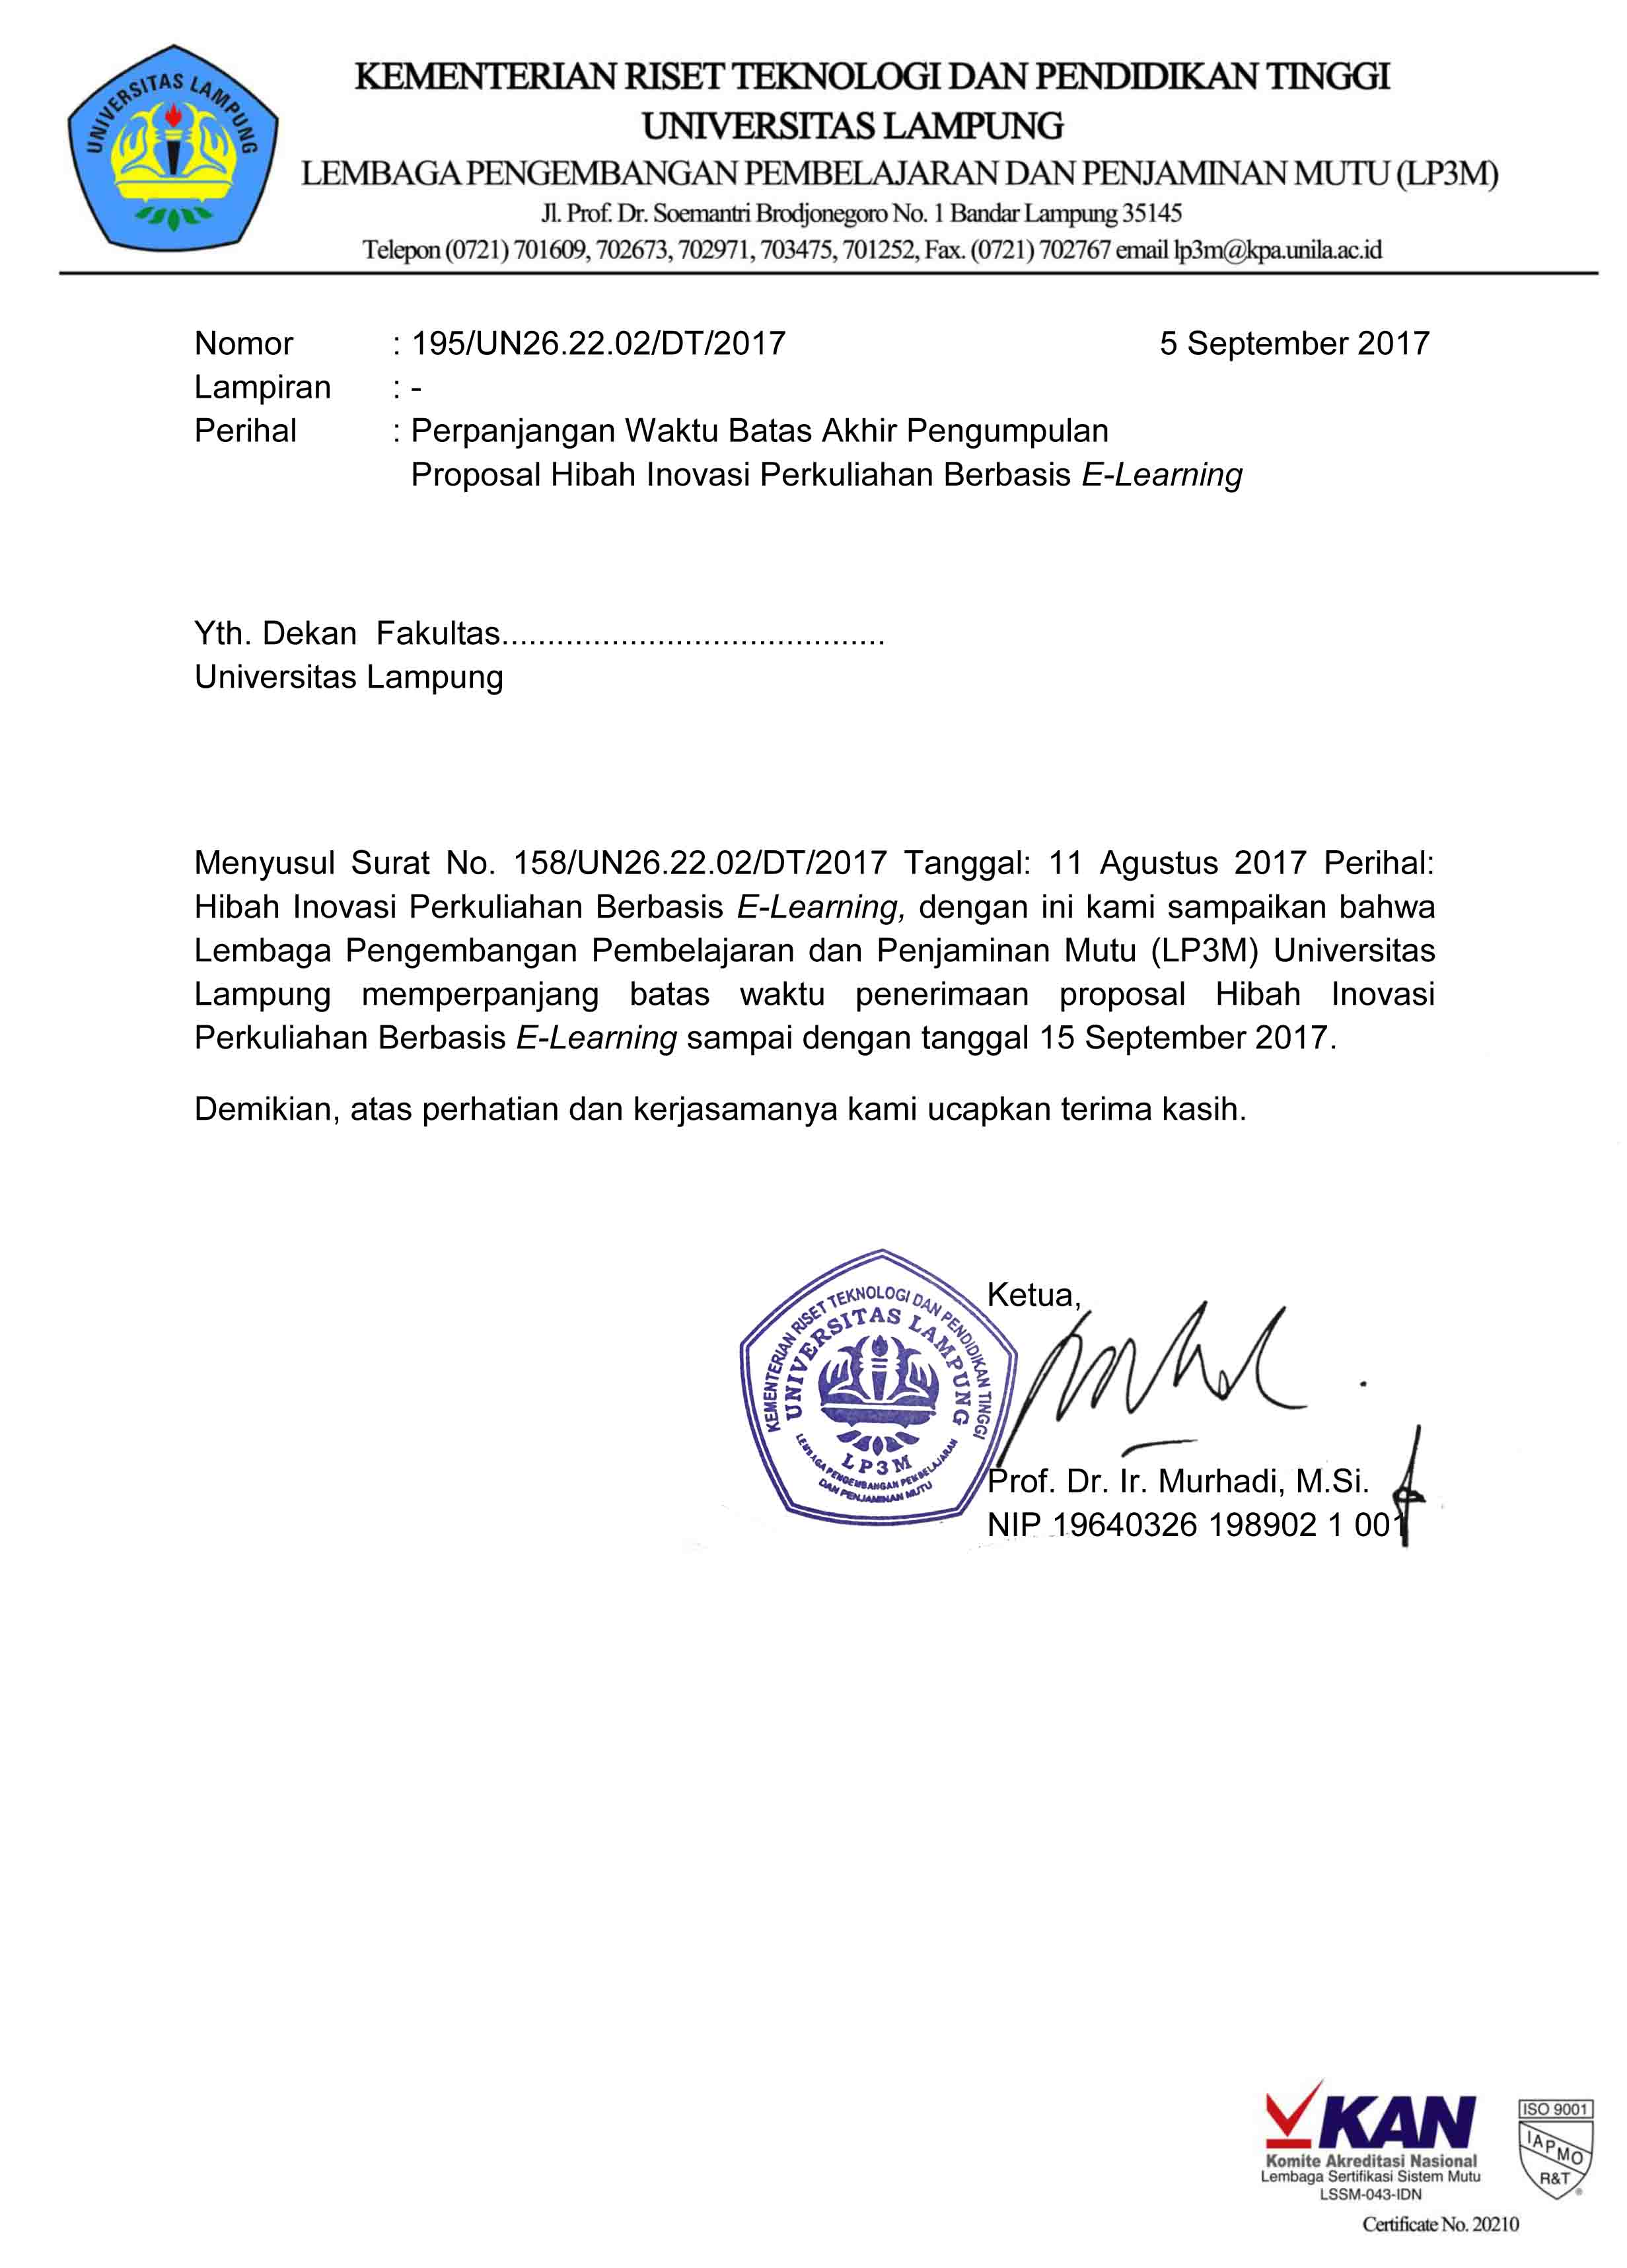 Perpanjangan batas waktu penerimaan proposal